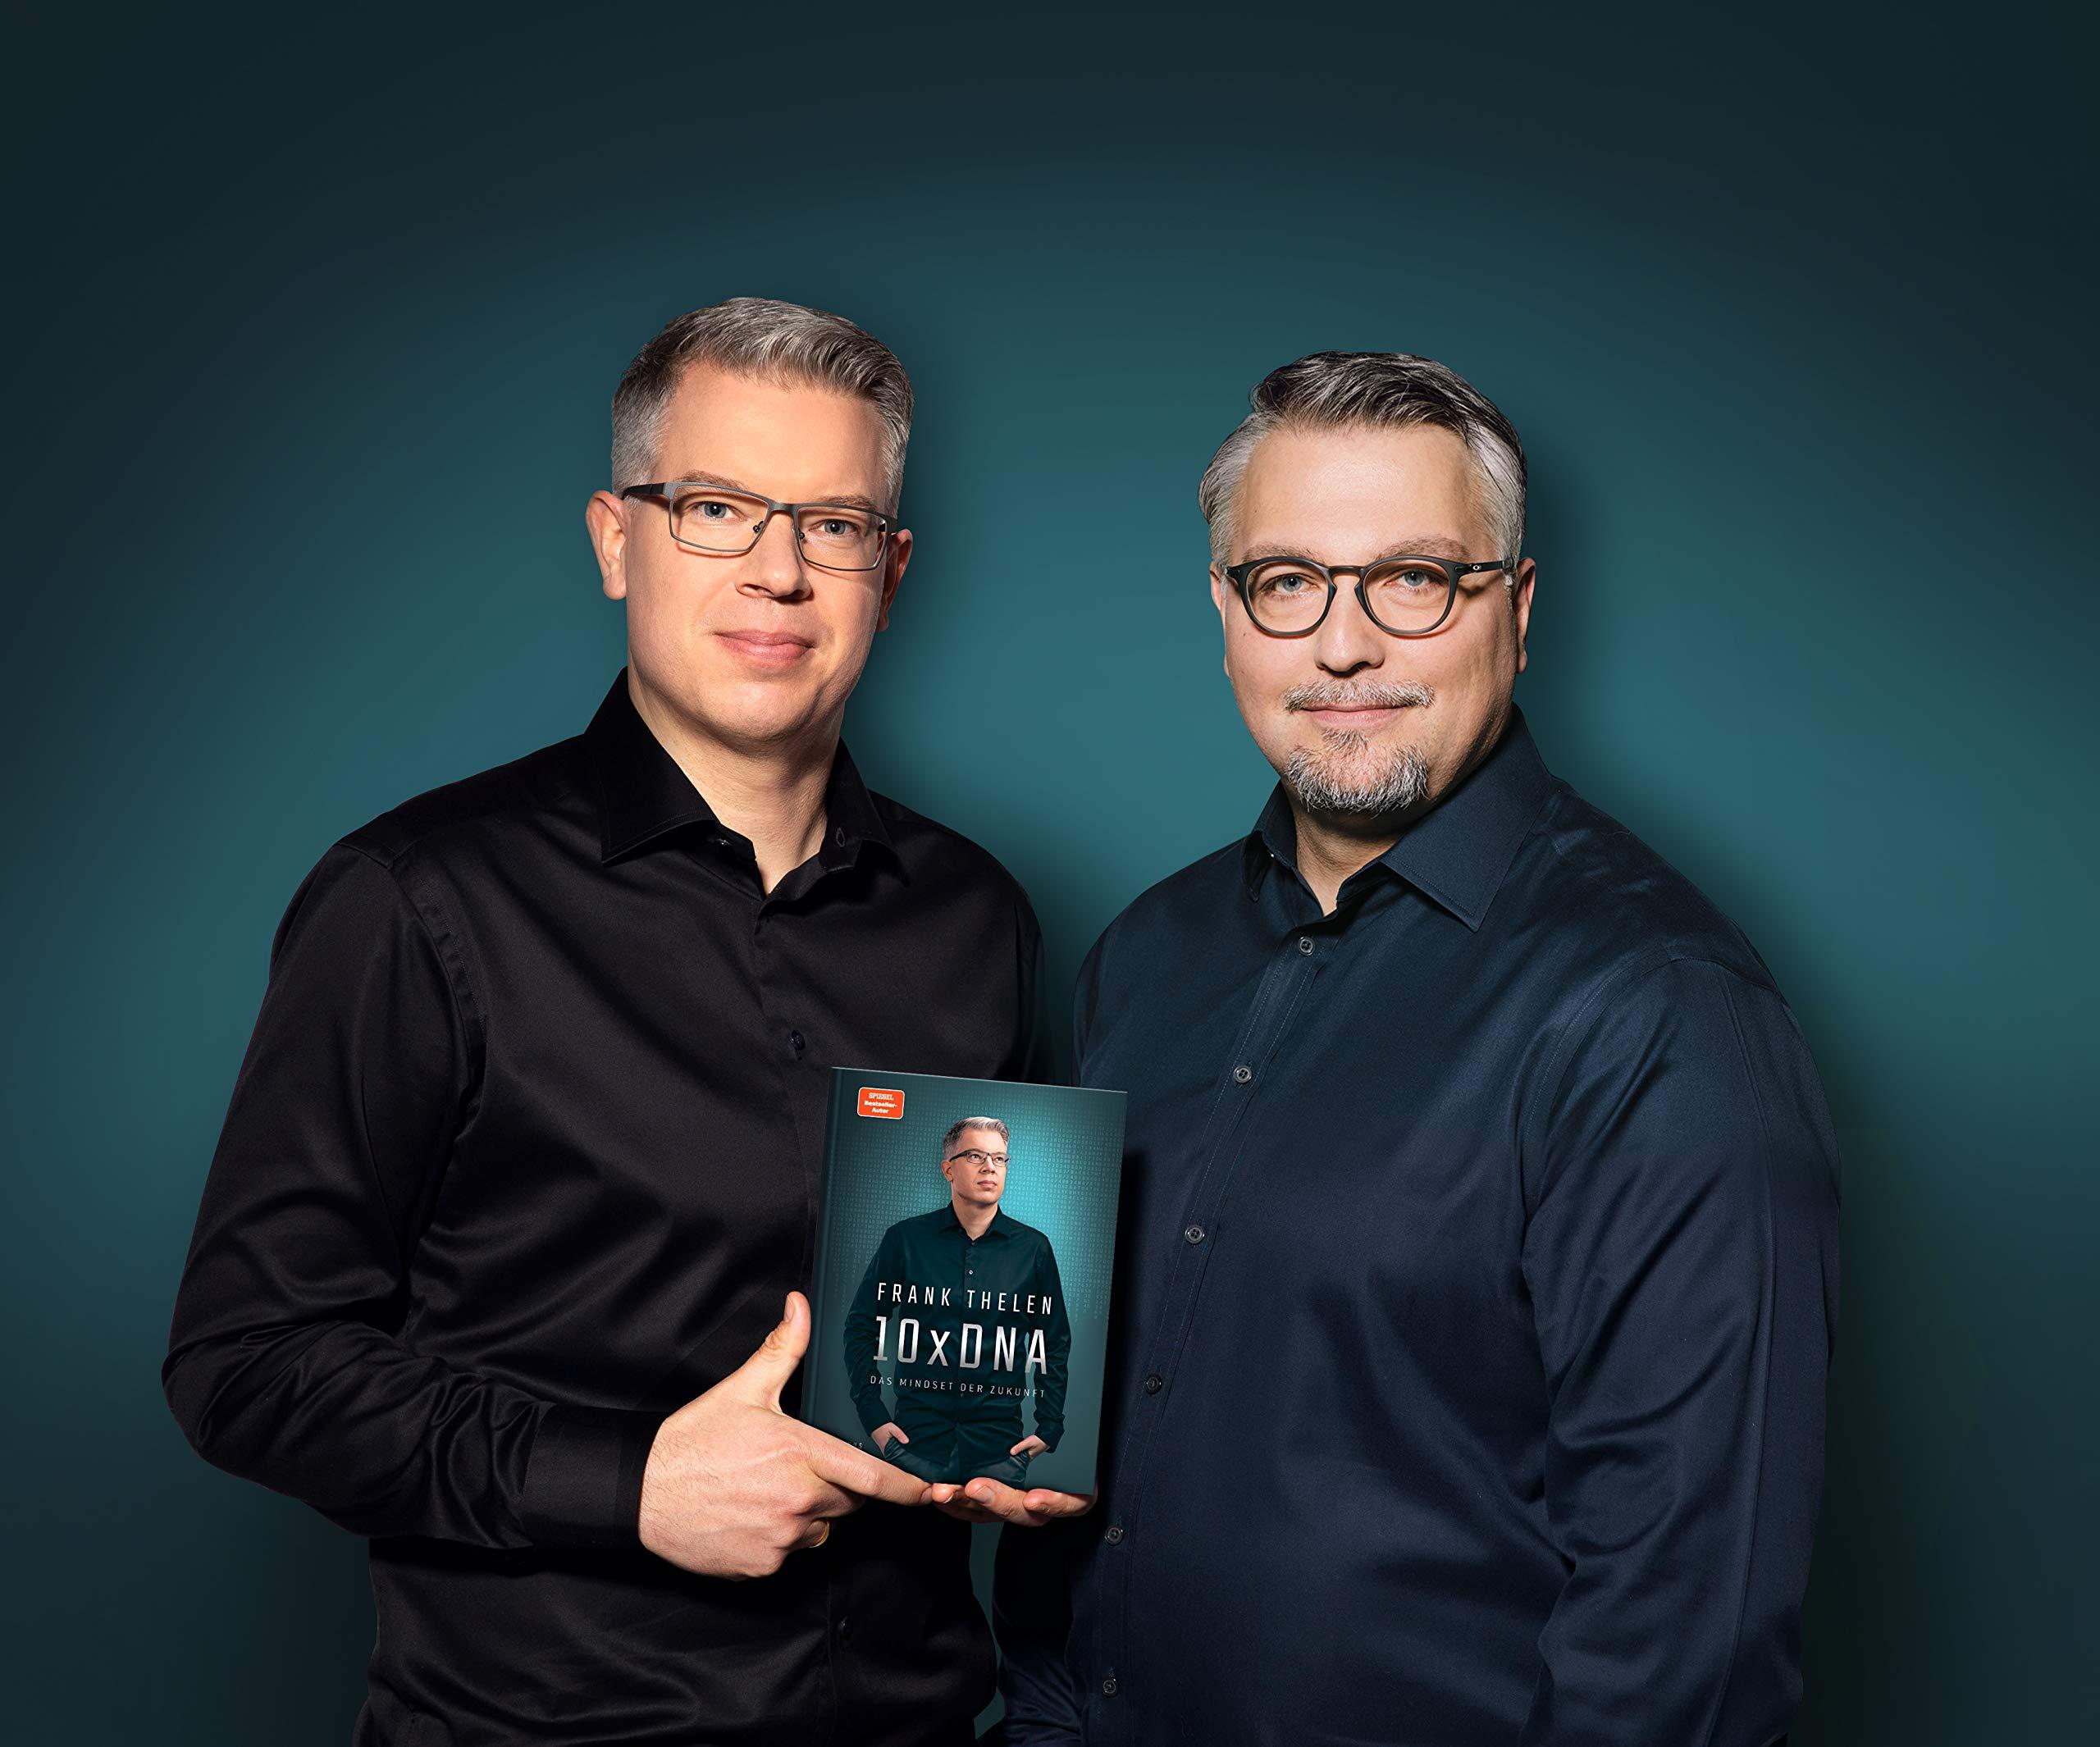 10xdna Das Mindset Der Zukunft Amazon De Frank Thelen Bücher